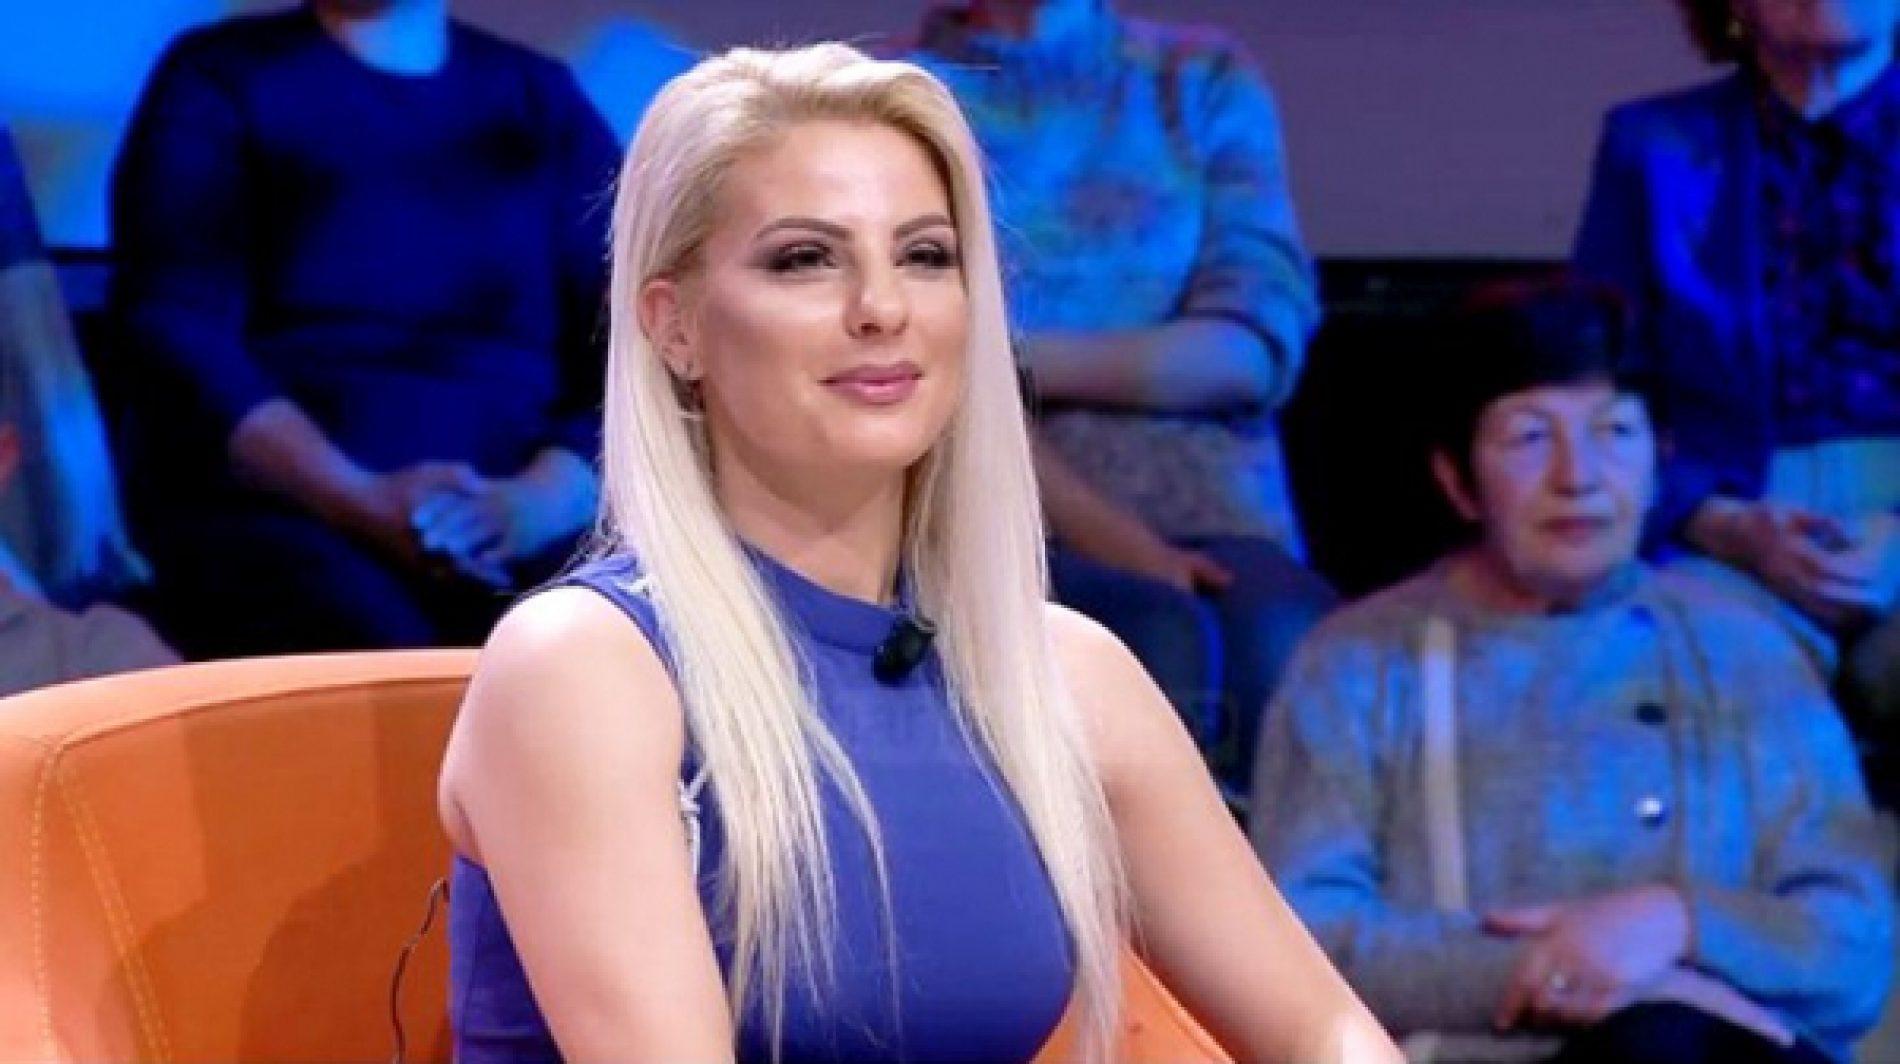 Bošnjačka zastupnica u Skupštini Kosova: Hapšenje Đurića je odgovor na nepoštivanje Kosova